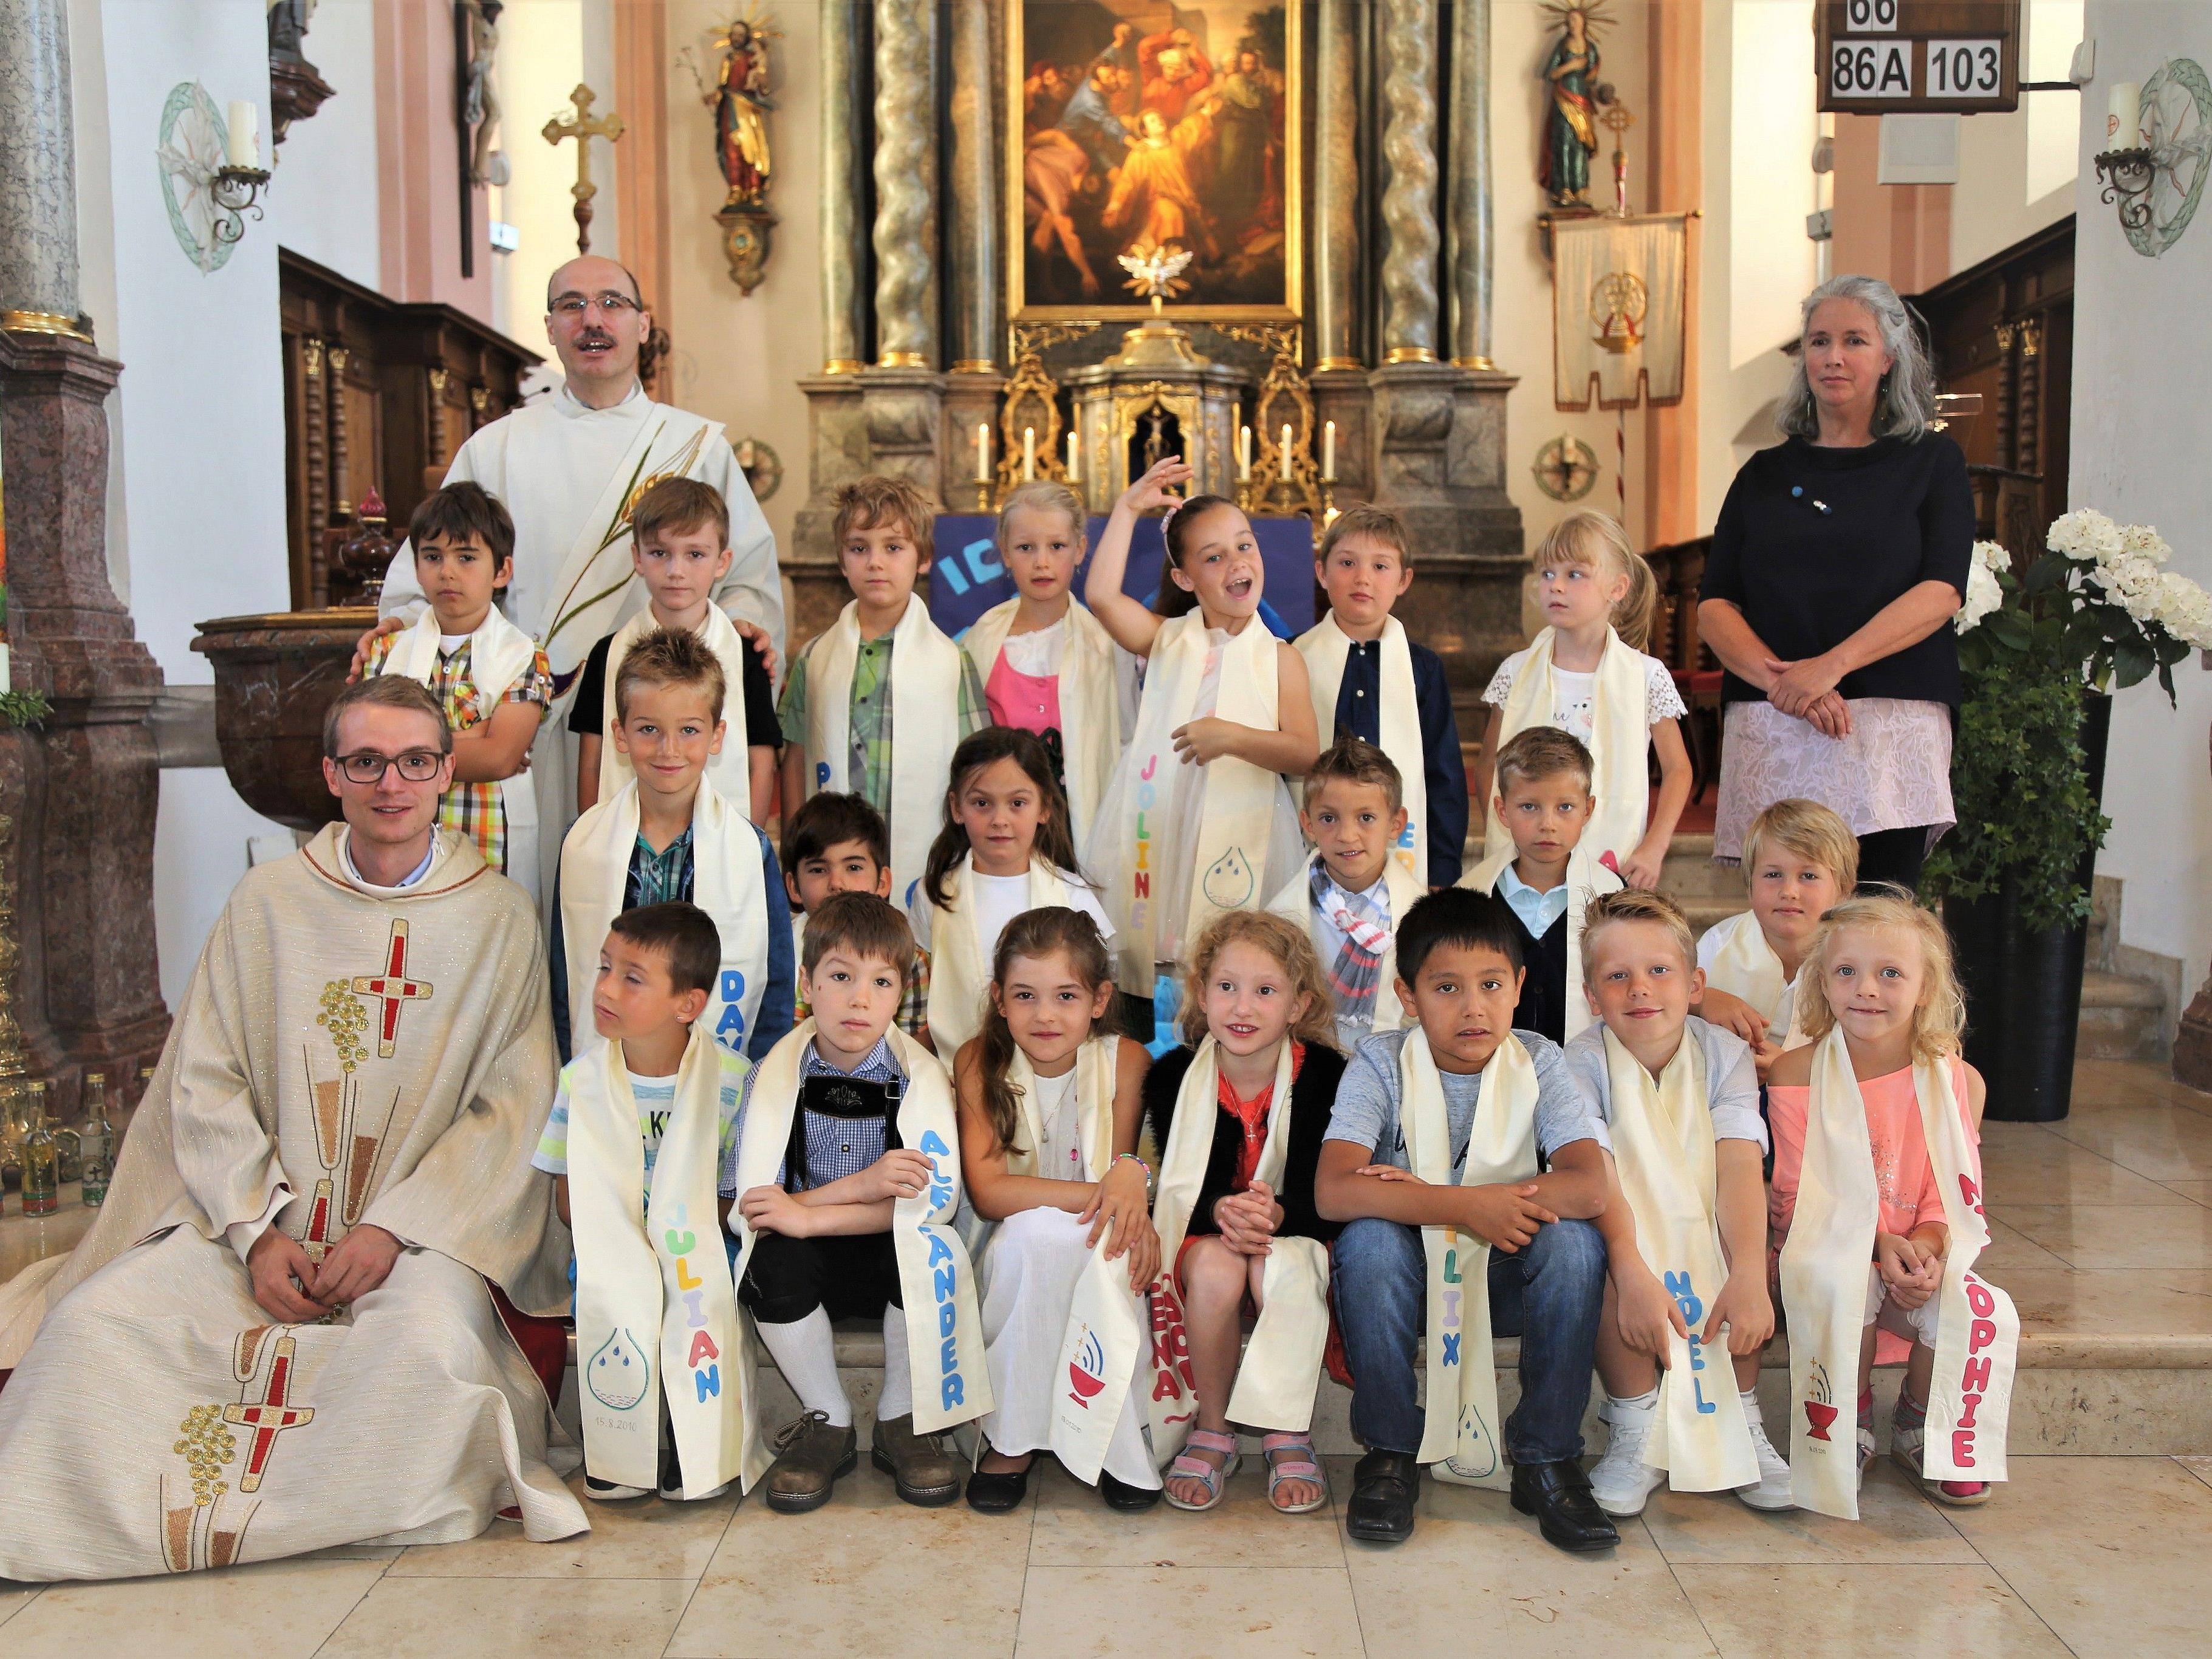 20 Kinder erneuerten ihre Taufe vergangenen Sonntag in Thüringen.